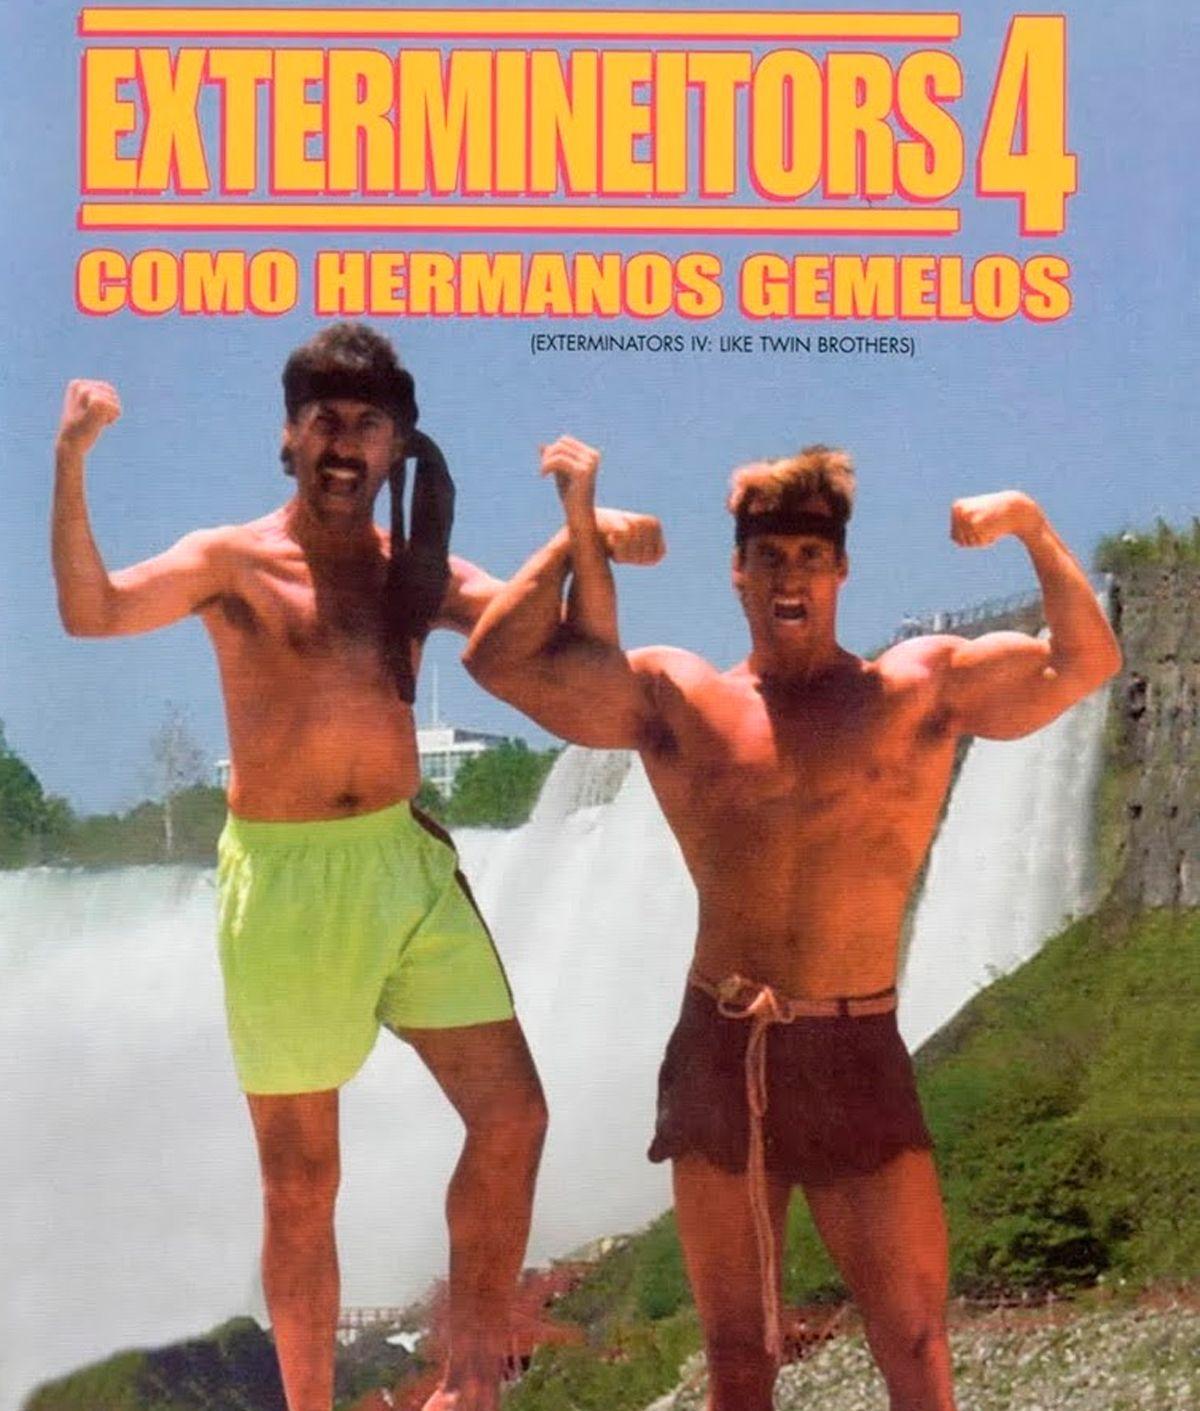 El antes y después de Los Extermineitors